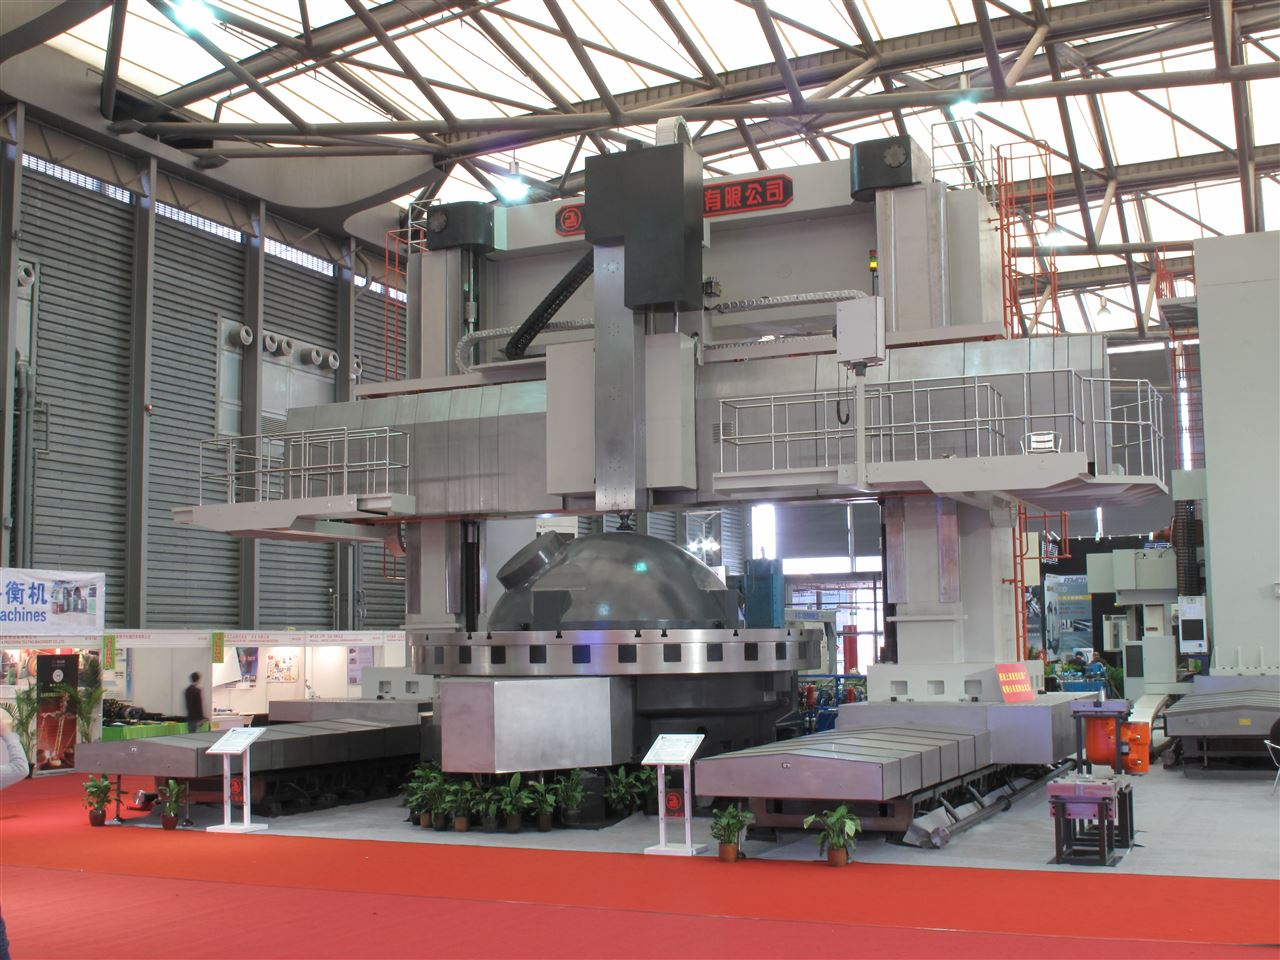 齐齐哈尔二机床-齐二机床车铣复合机床系列产品助力核电行业发展